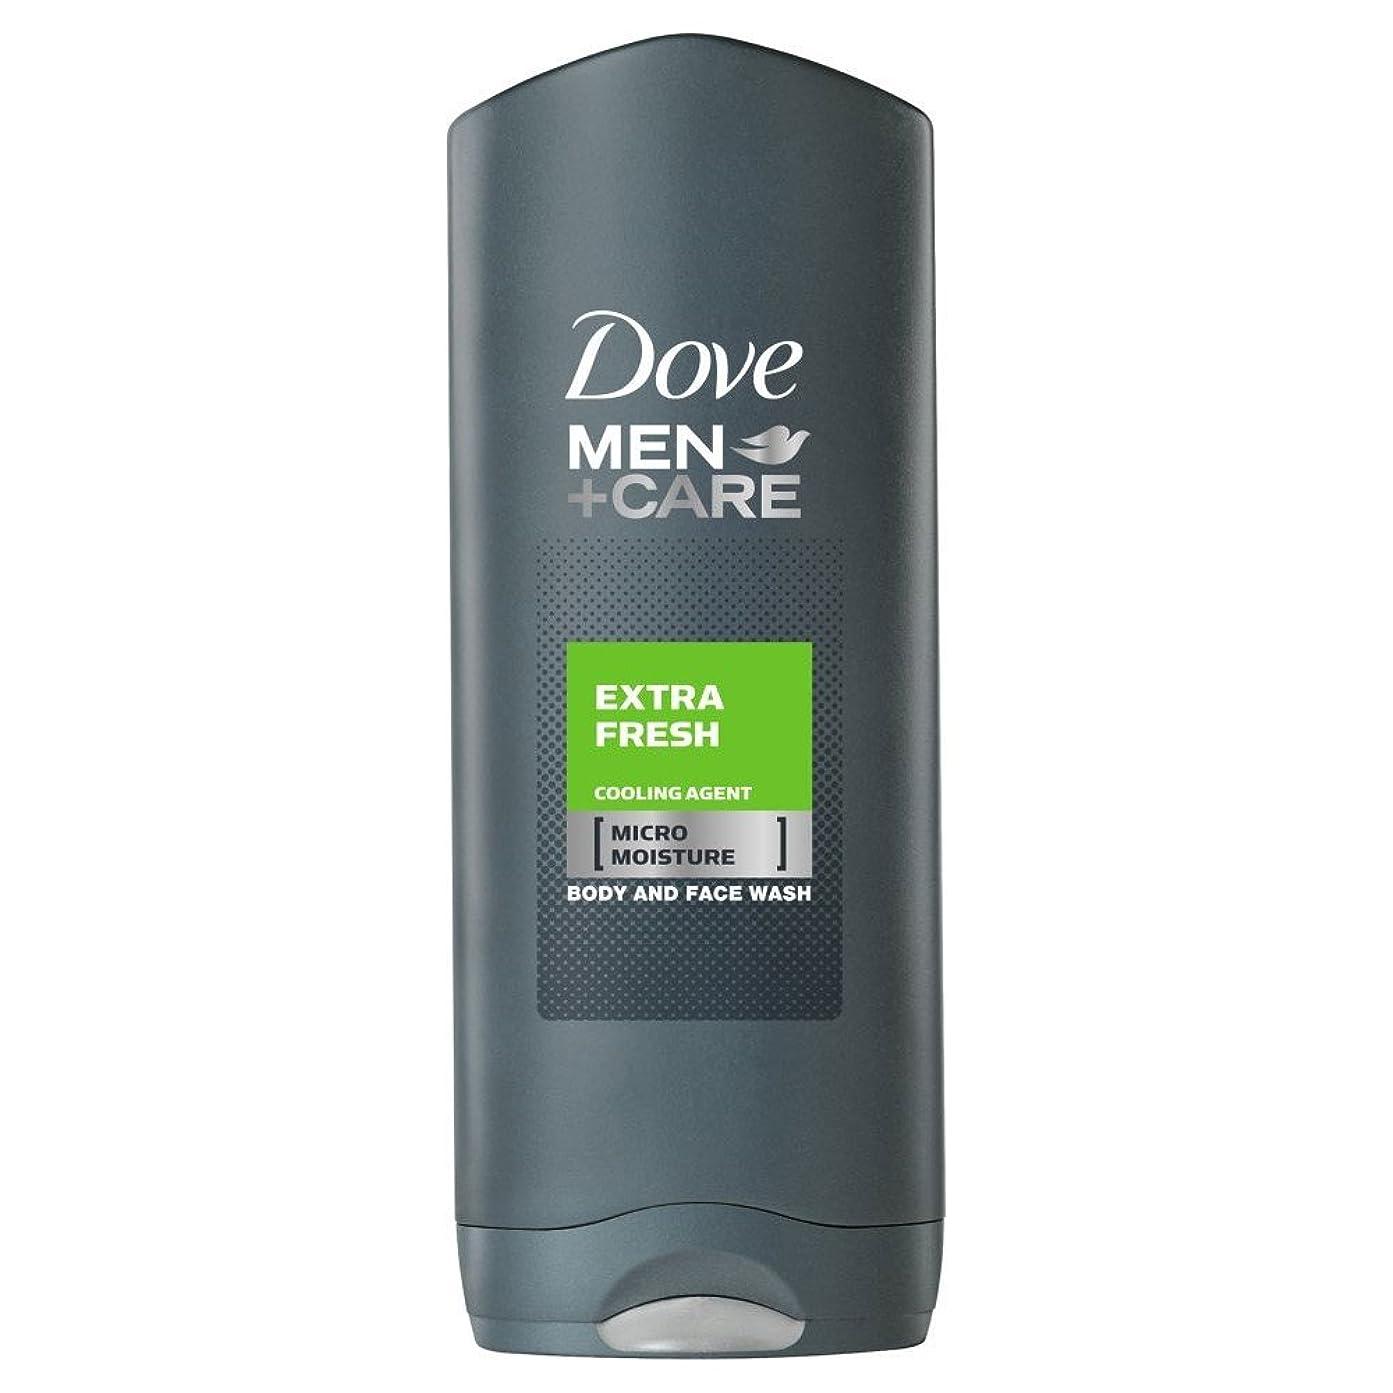 どちらもペイン万一に備えてDove Men + Care Body & Face Wash - Extra Fresh (250ml) 鳩の男性は+ボディと洗顔ケア - 余分な新鮮な( 250ミリリットル)を [並行輸入品]